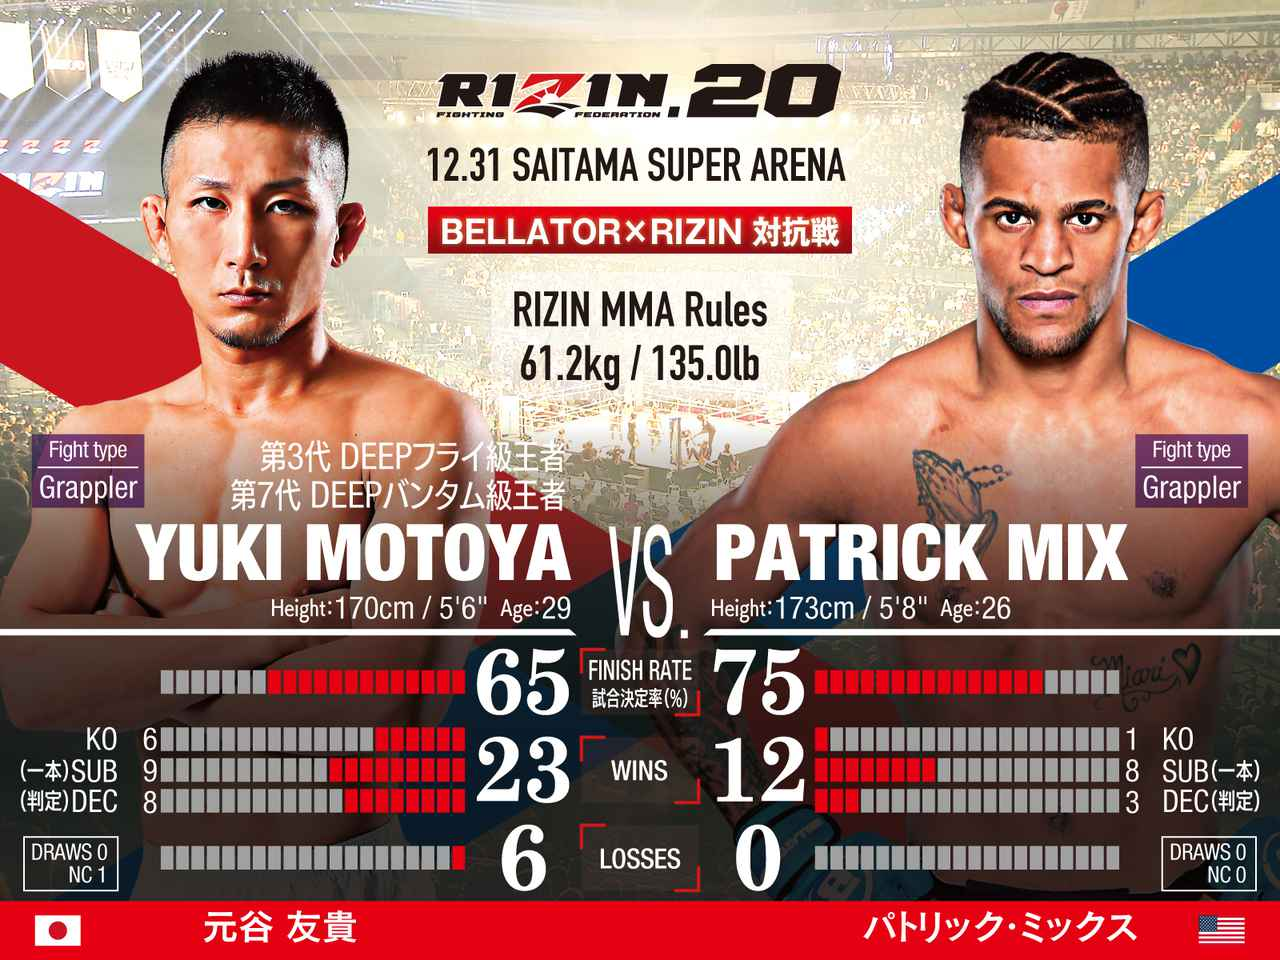 画像: 第5試合/RIZIN×BELLATOR対抗戦 元谷友貴 vs. パトリック・ミックス